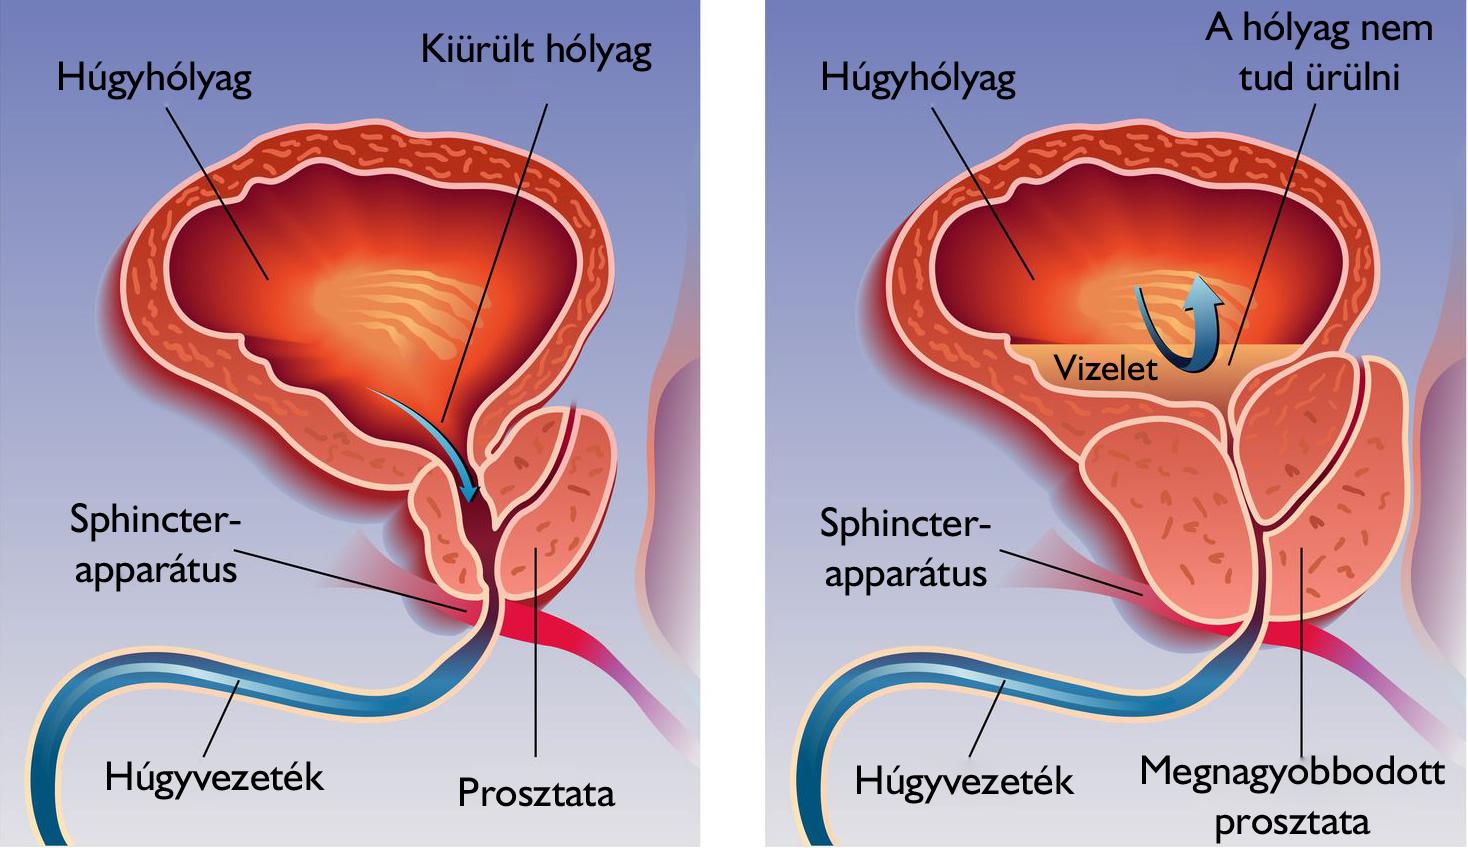 Ha a prosztata fáj a férfiakban A krónikus prosztatitis gyakorlatok összetettsége